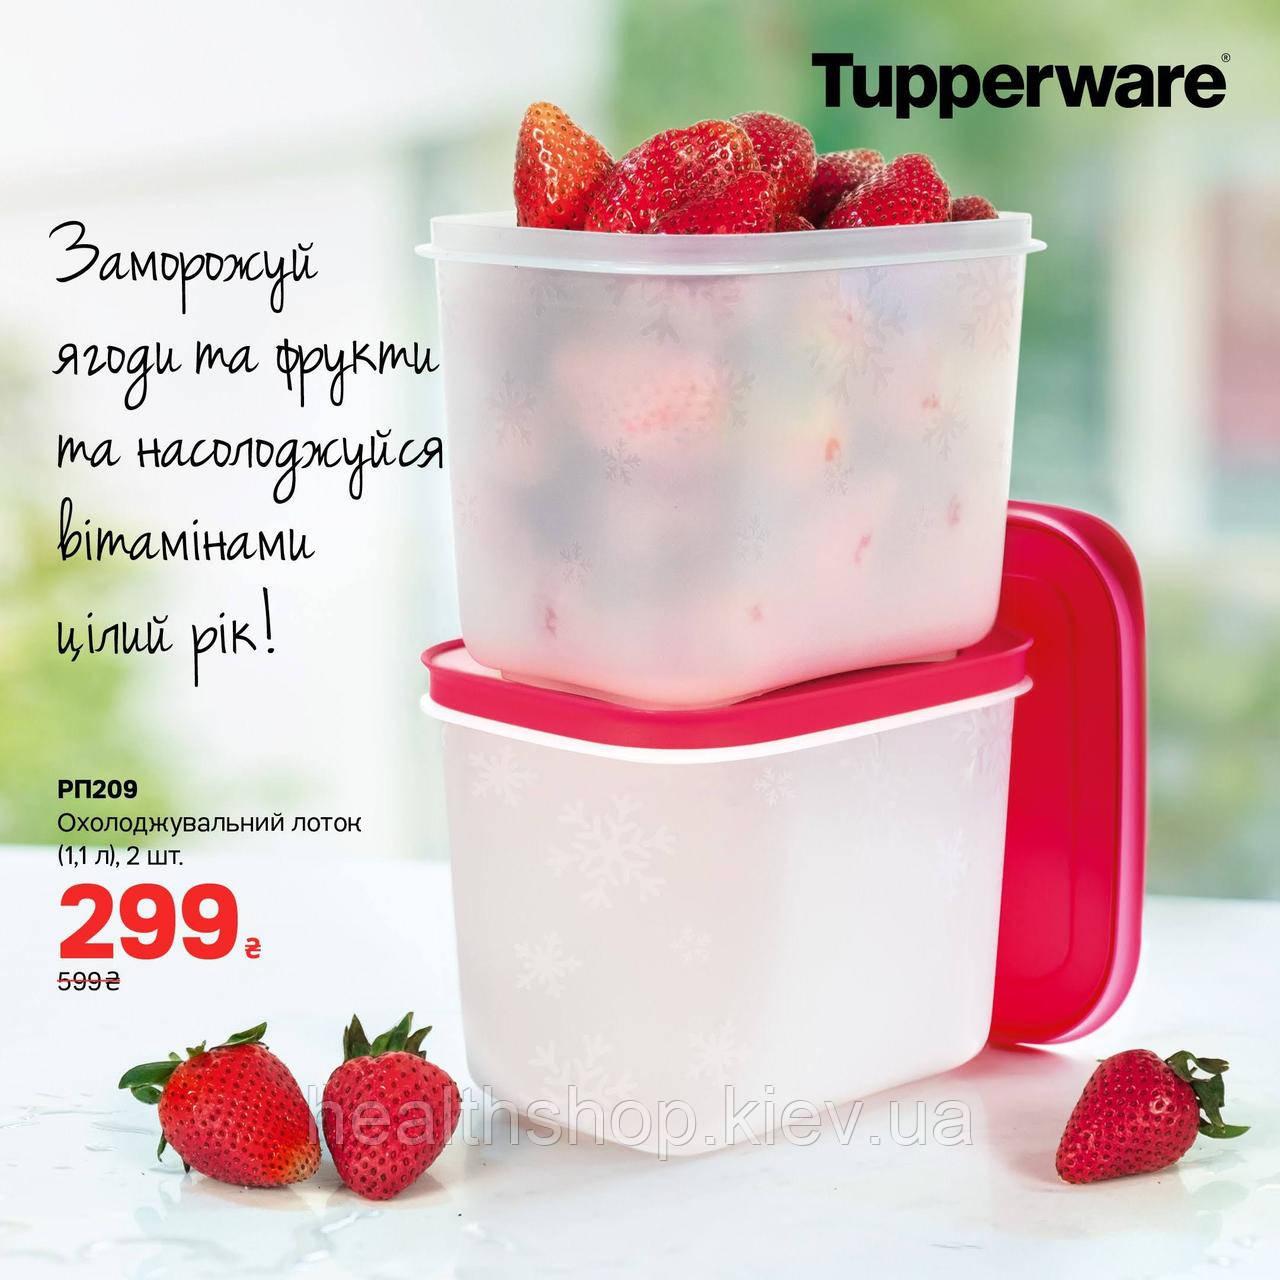 Охлаждающие лотки (1,1 л) высокие, 2 шт Tupperware (Оригинал) Тапервер